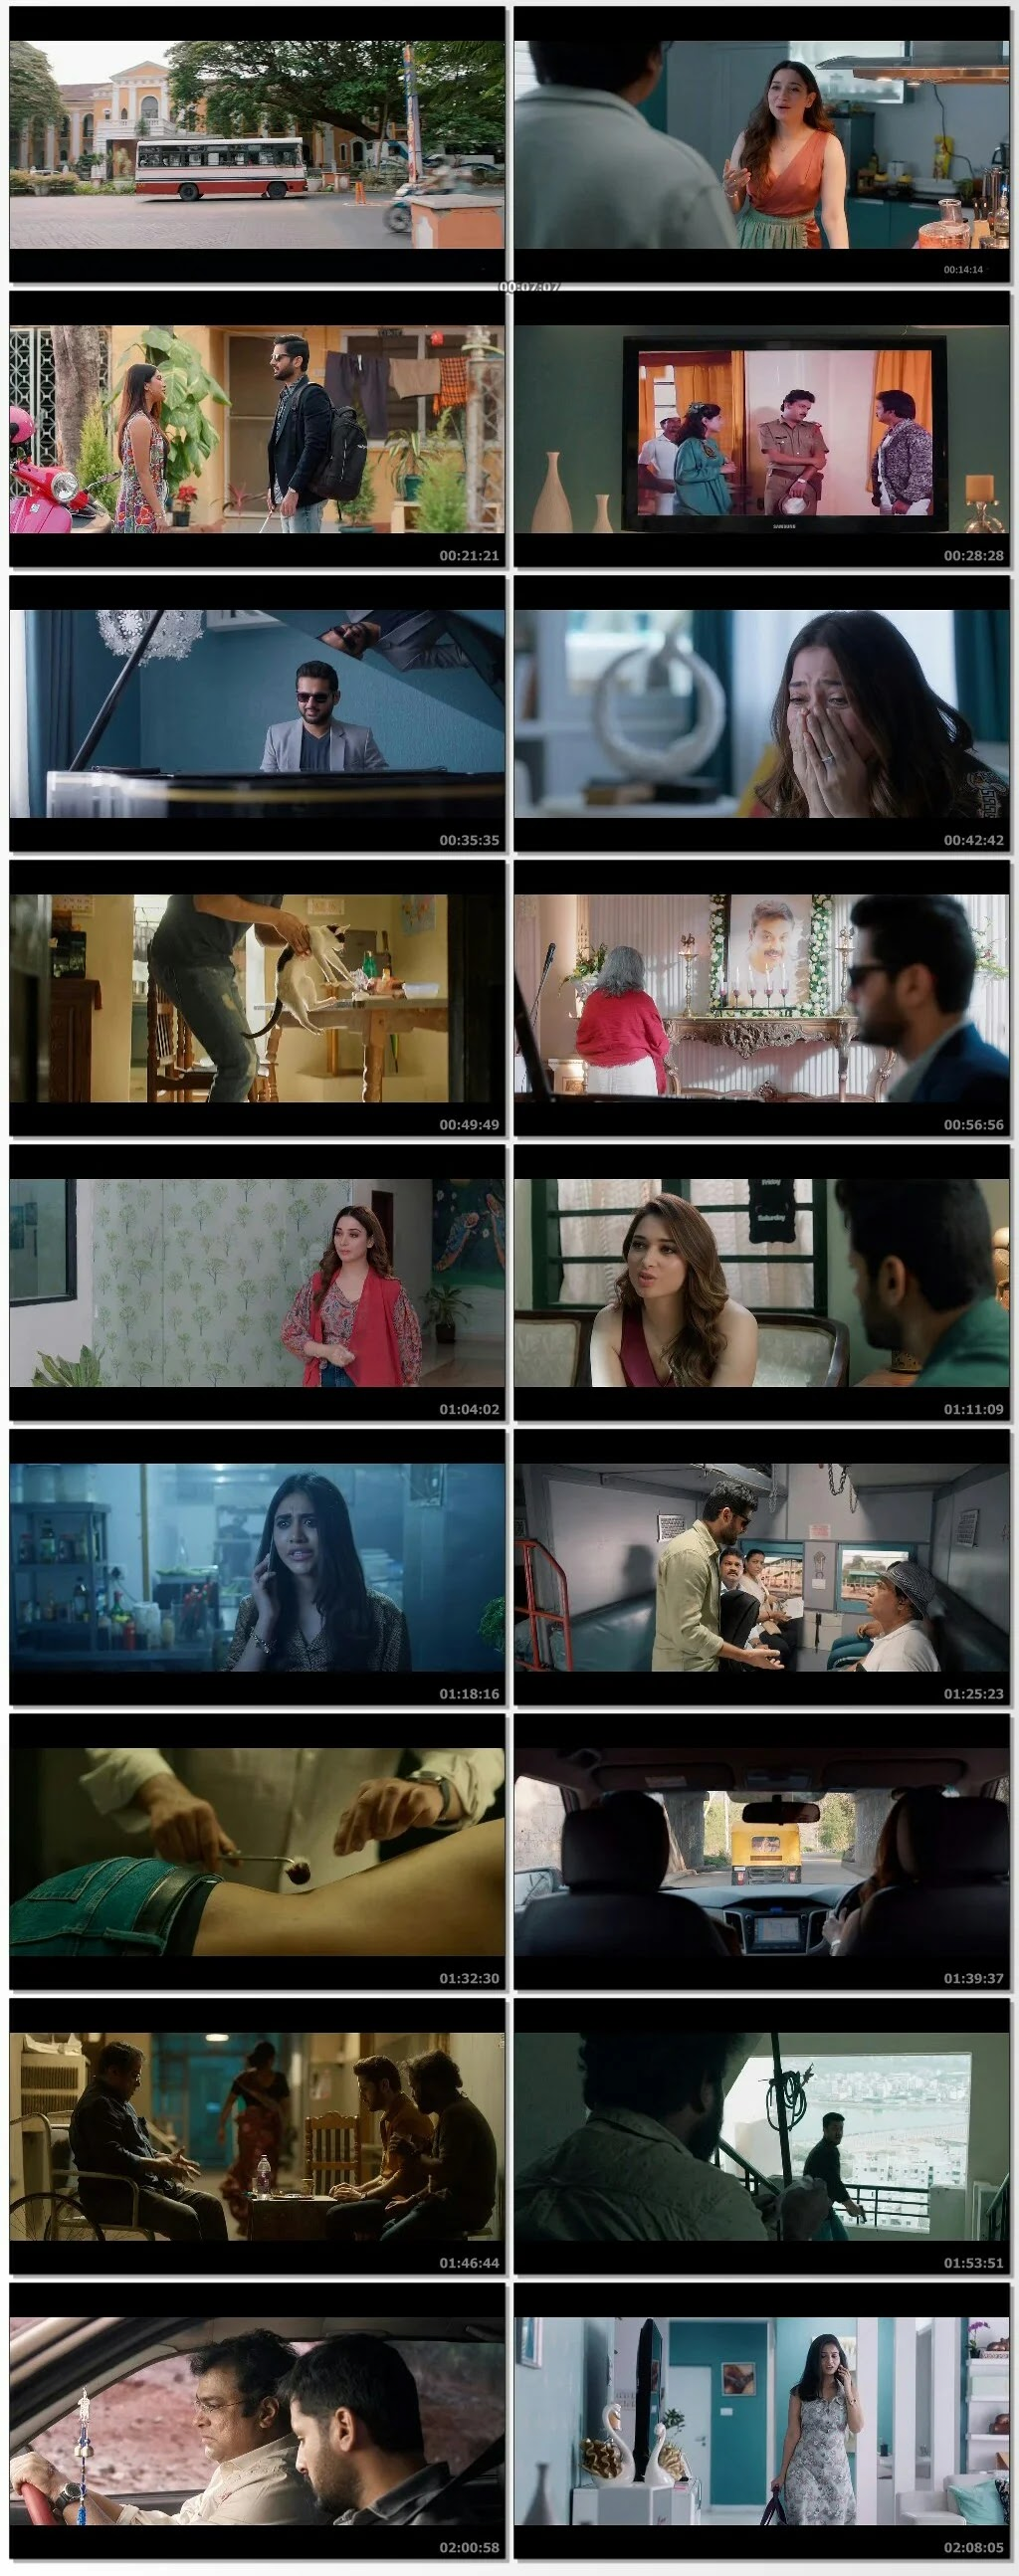 Maestro Telugu movie watch online